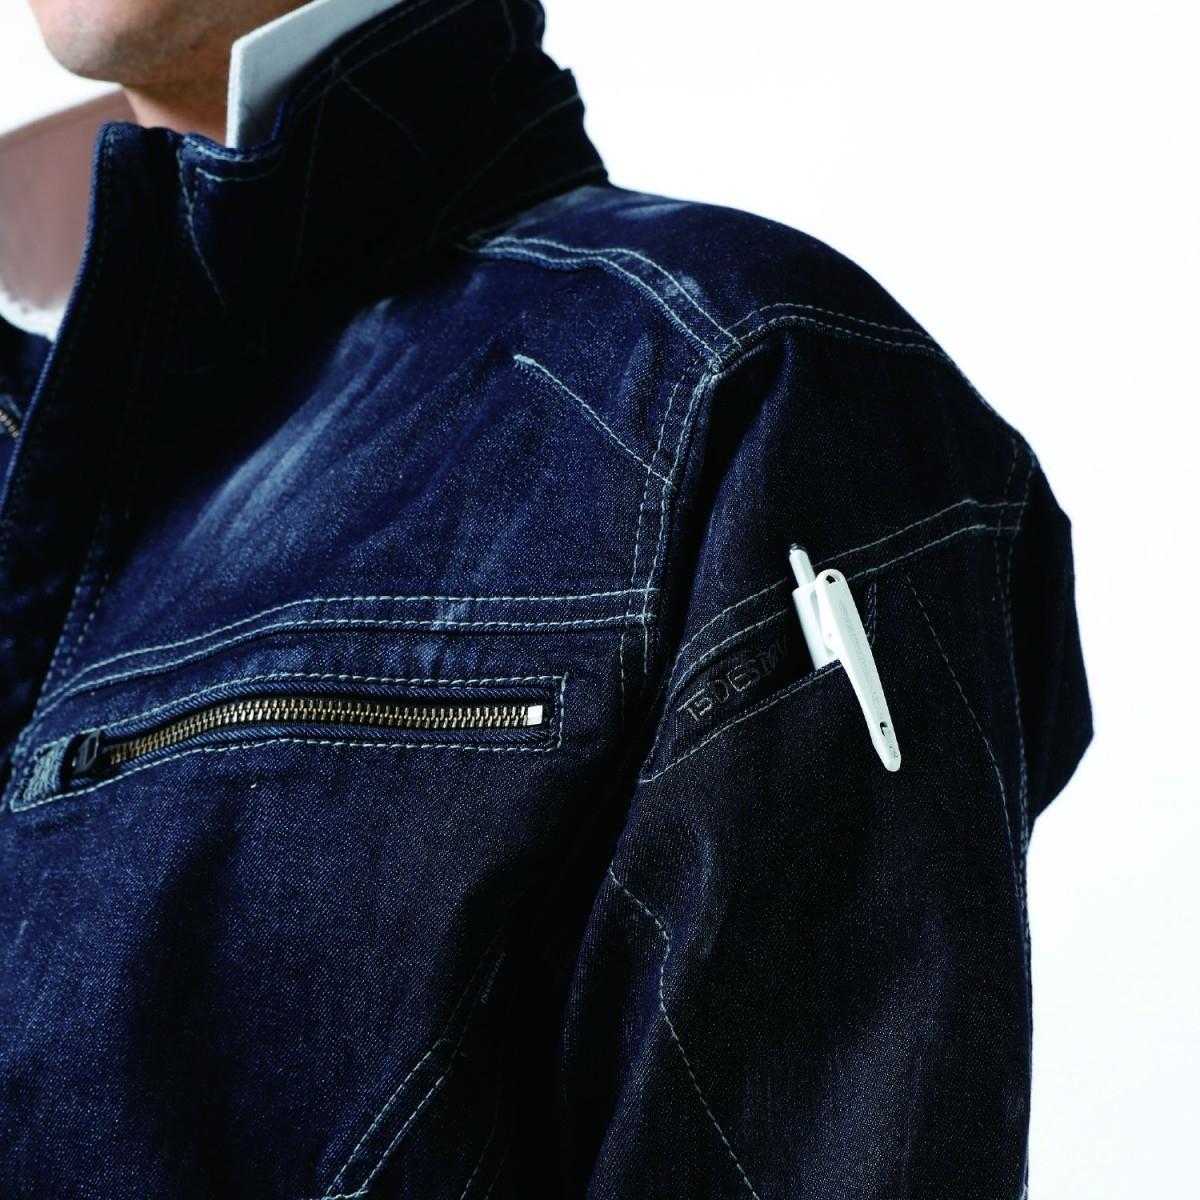 TS DESIGN 5116 ジャケット ¥5,940(税込)左腕のマルチポケット。スマホ対応の便利なポケットです。